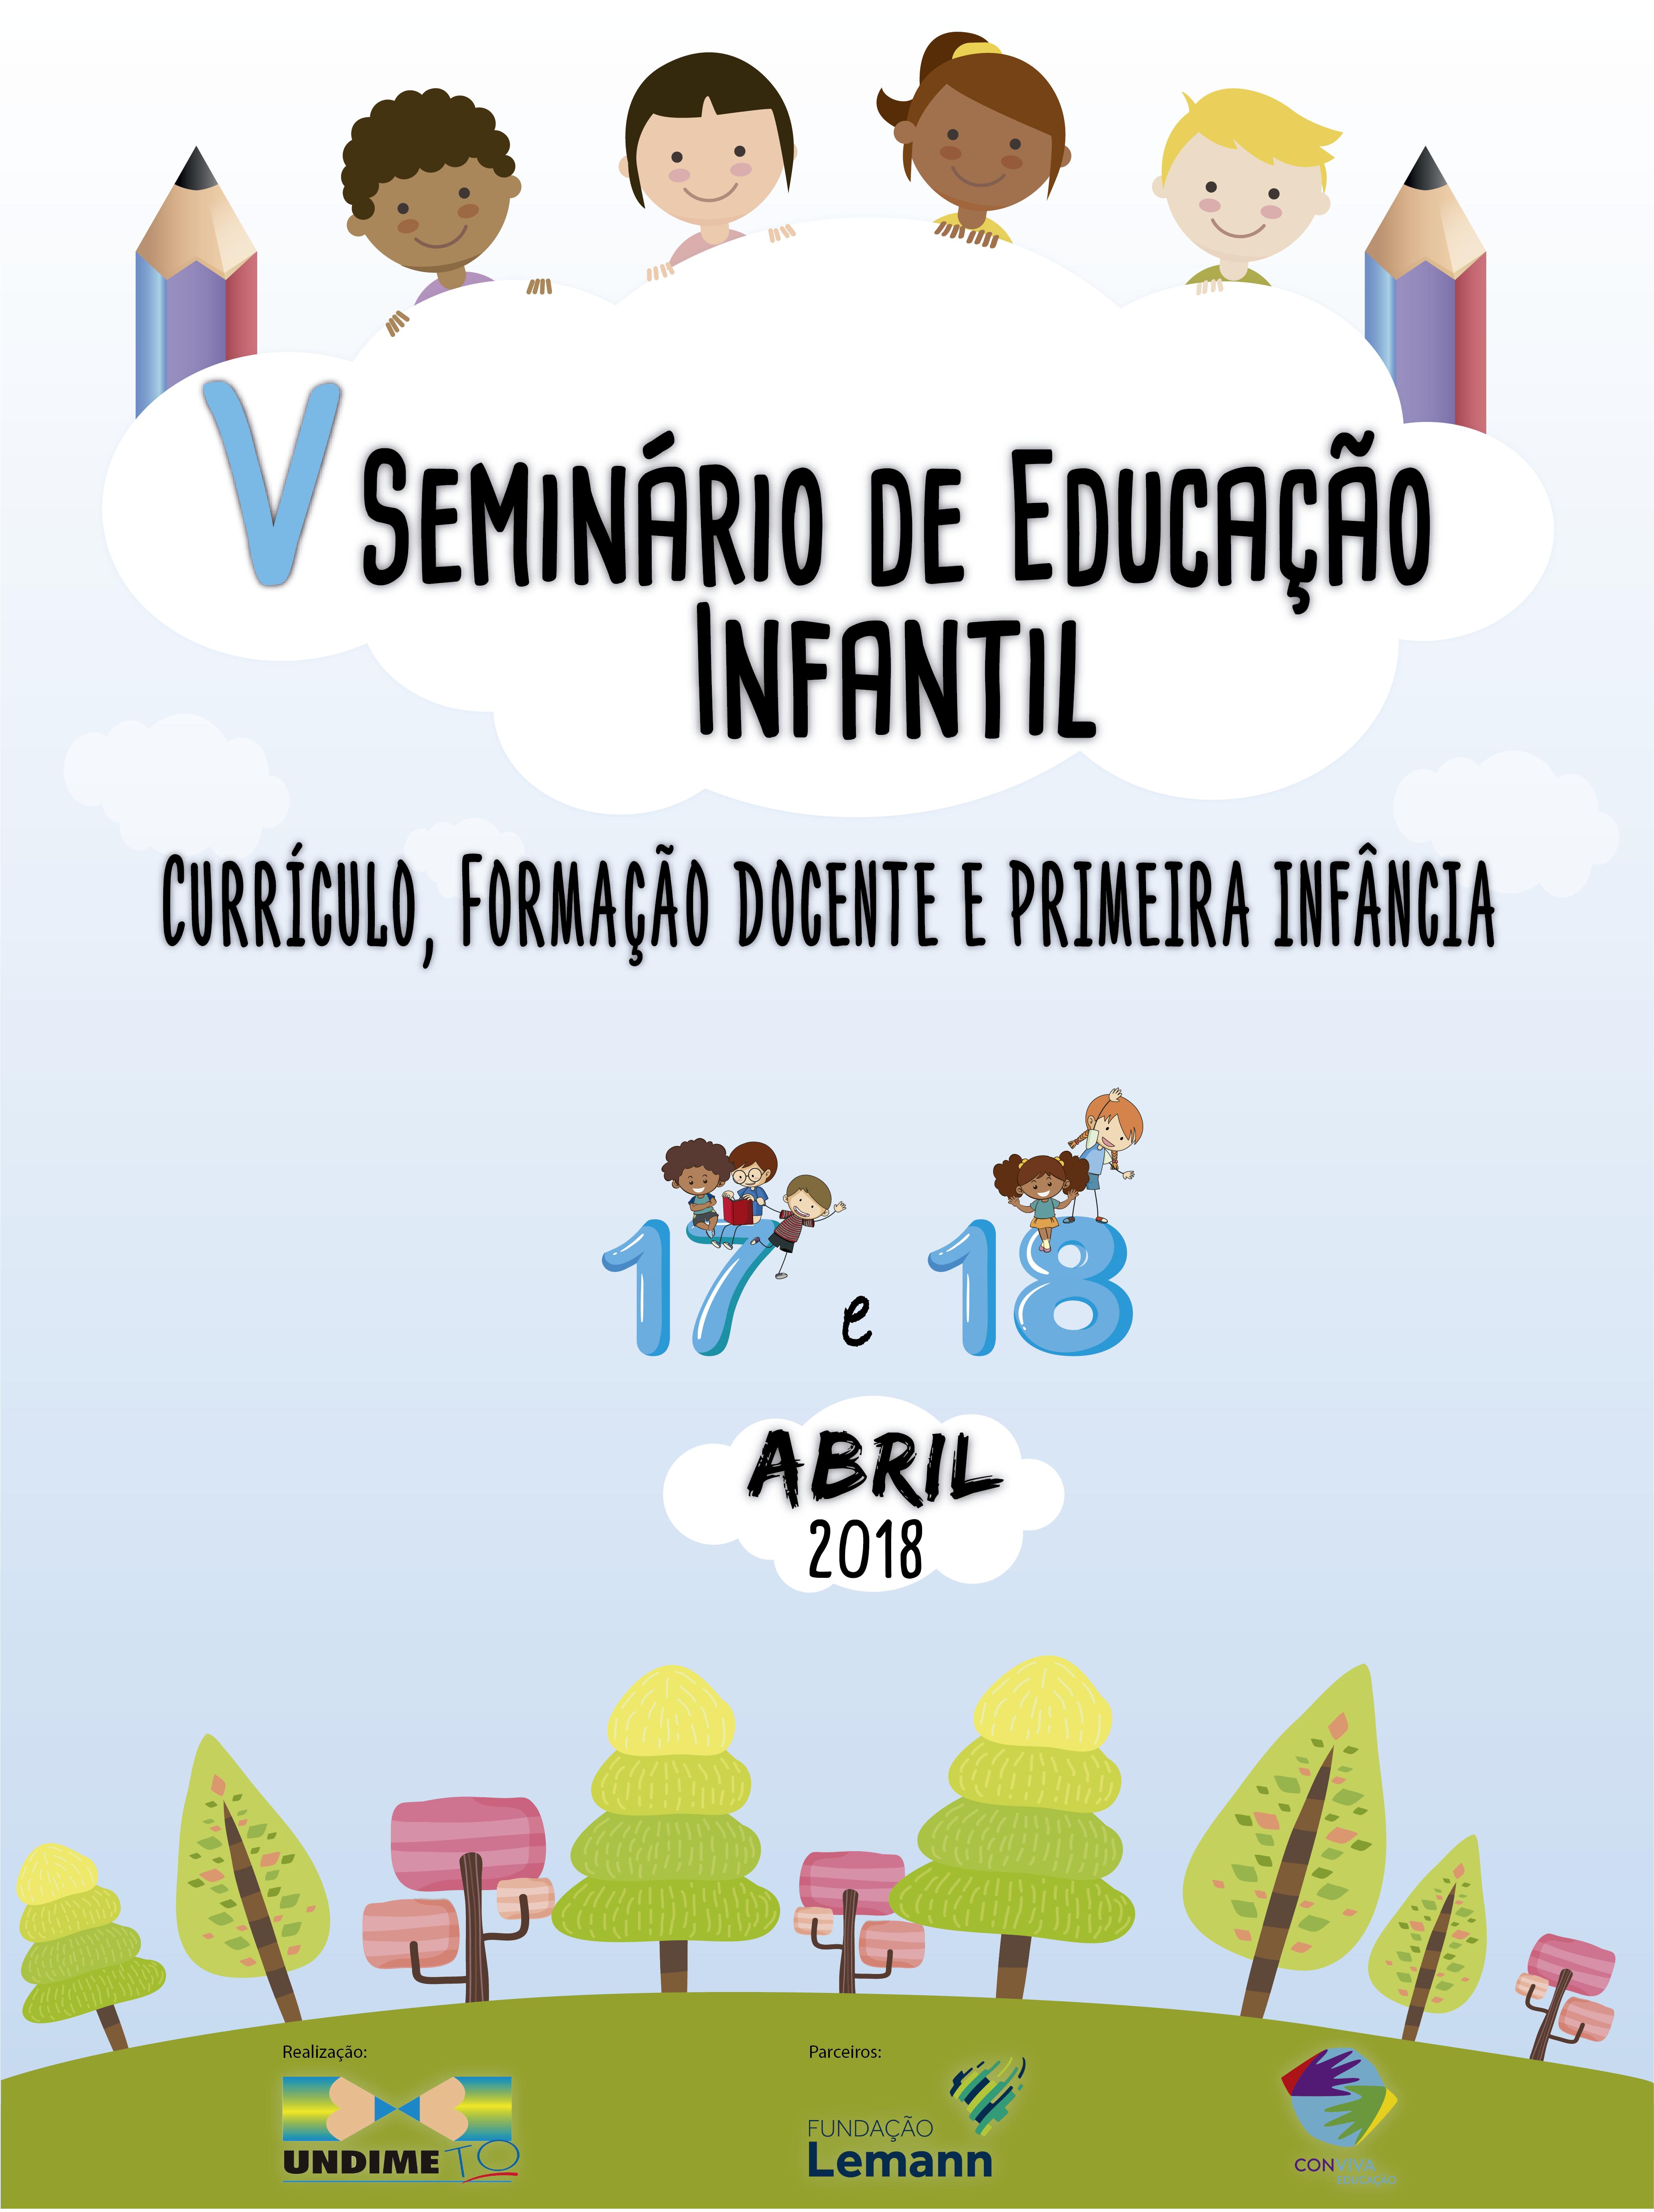 V Seminário de Educação Infantil que será realizado em Palmas, admite inscrições até 10 de abril.